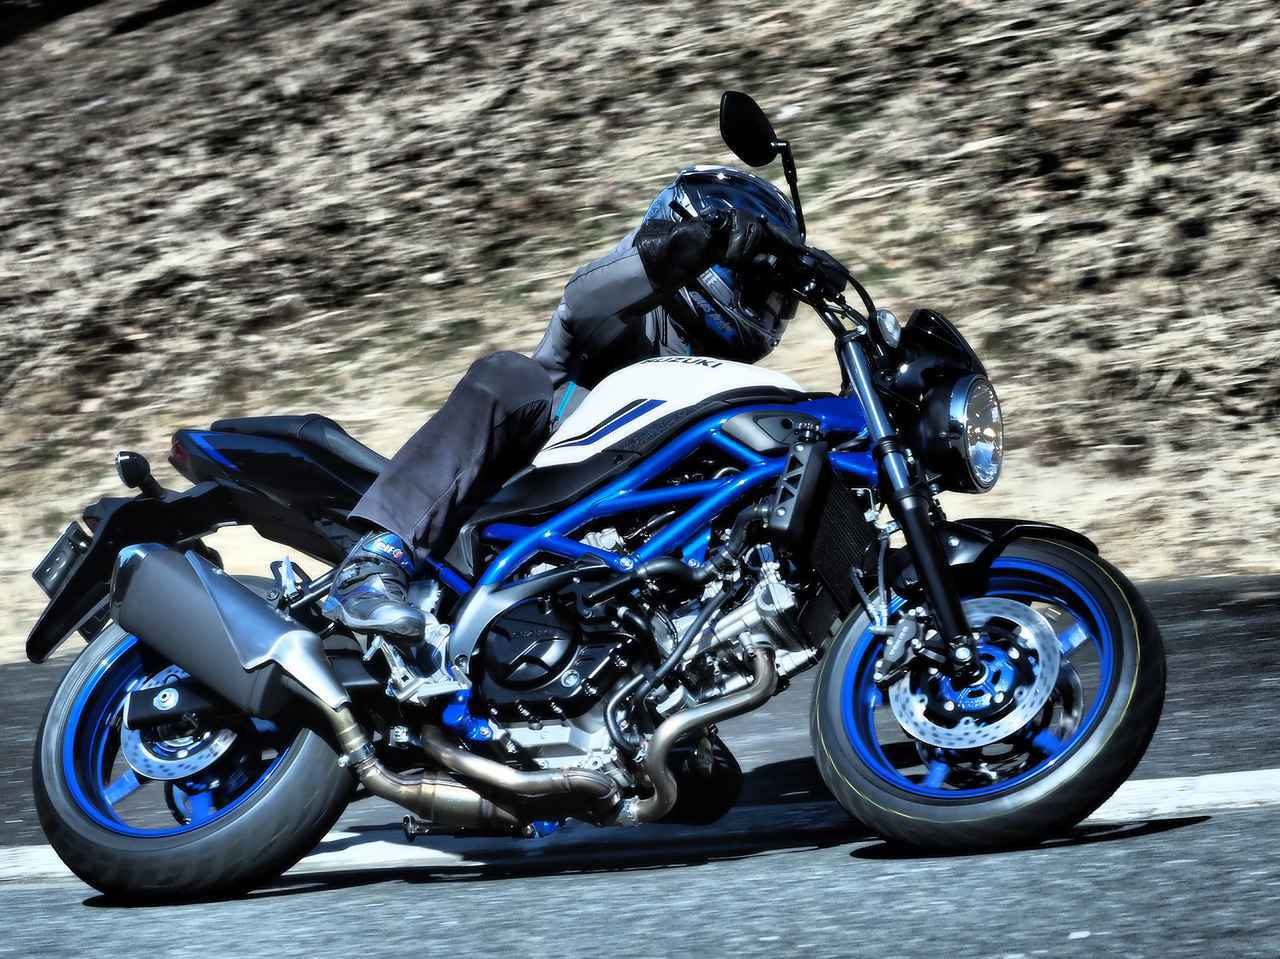 画像: 地味にスゴい! 『SV650』がブレーキ進化で、けっこう変わった!? - スズキのバイク!